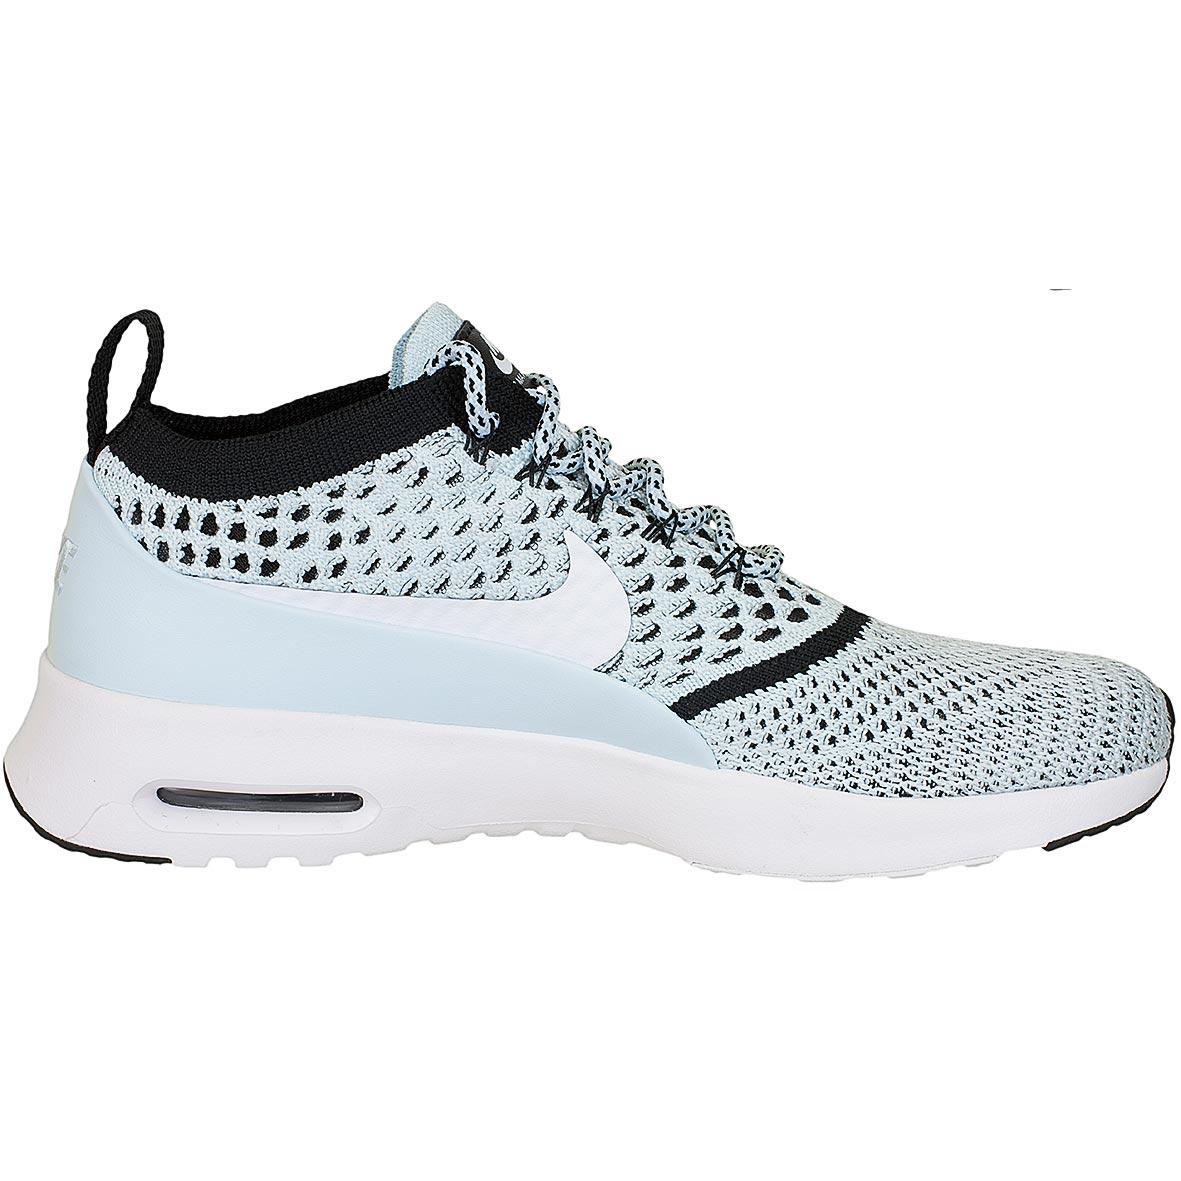 best website 8c2ec 0df7e Nike Damen Sneaker Air Max Thea Ultra Flyknit blauweiß